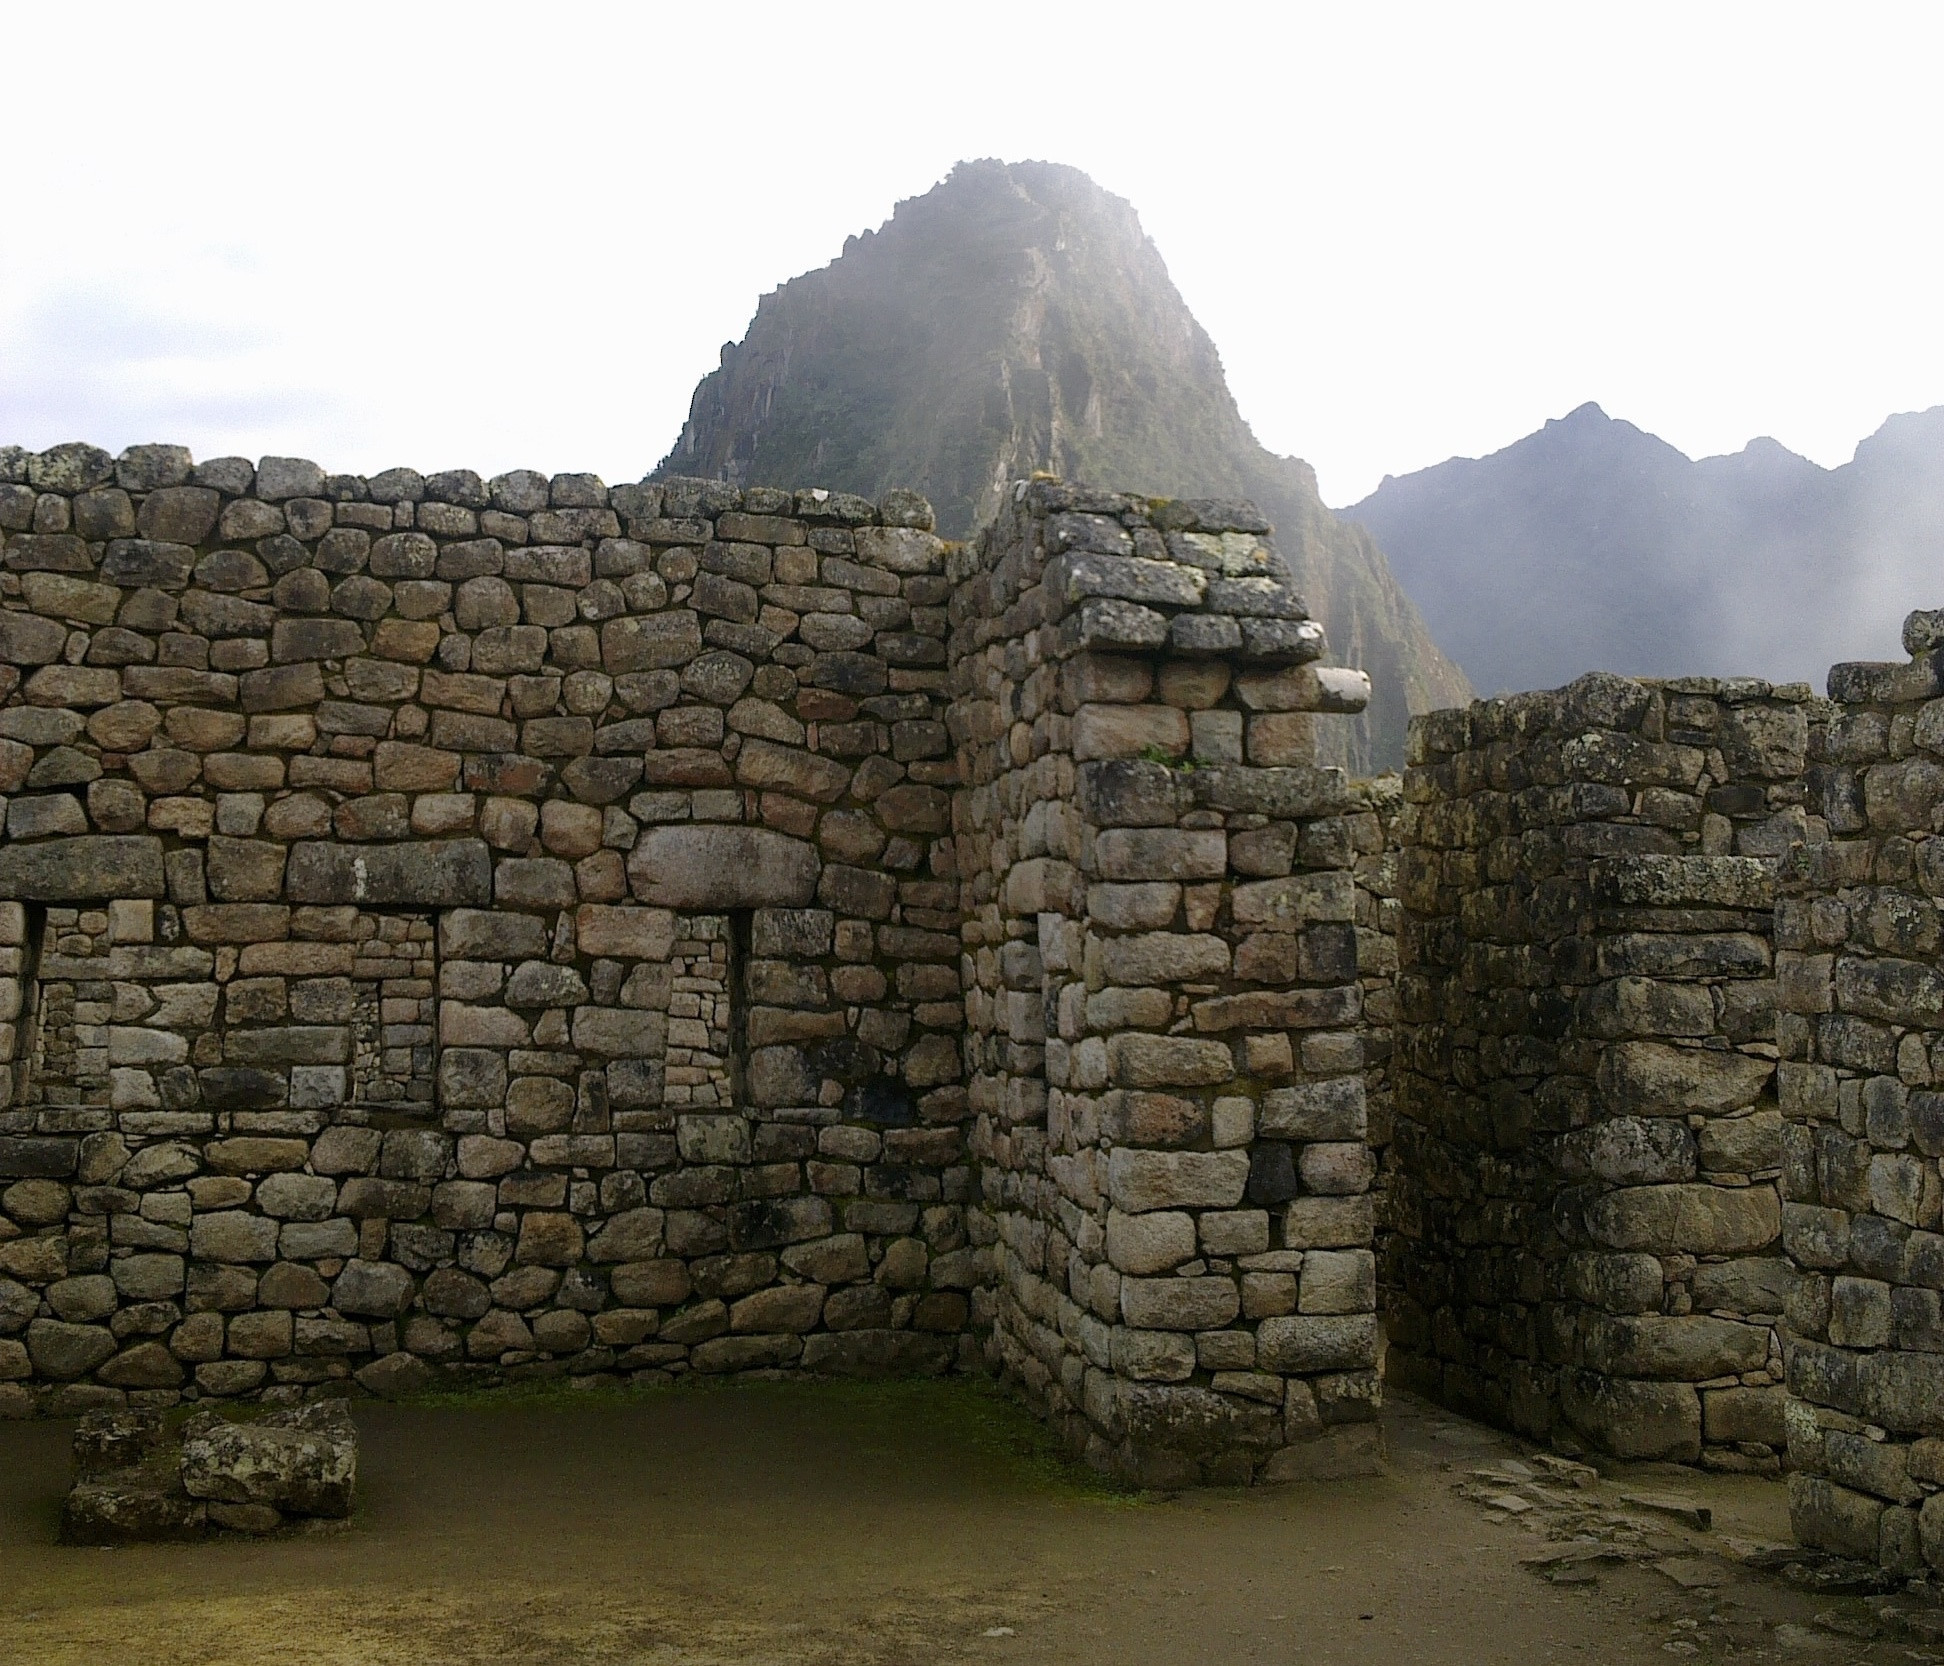 Machu Picchu in fog (Peru)